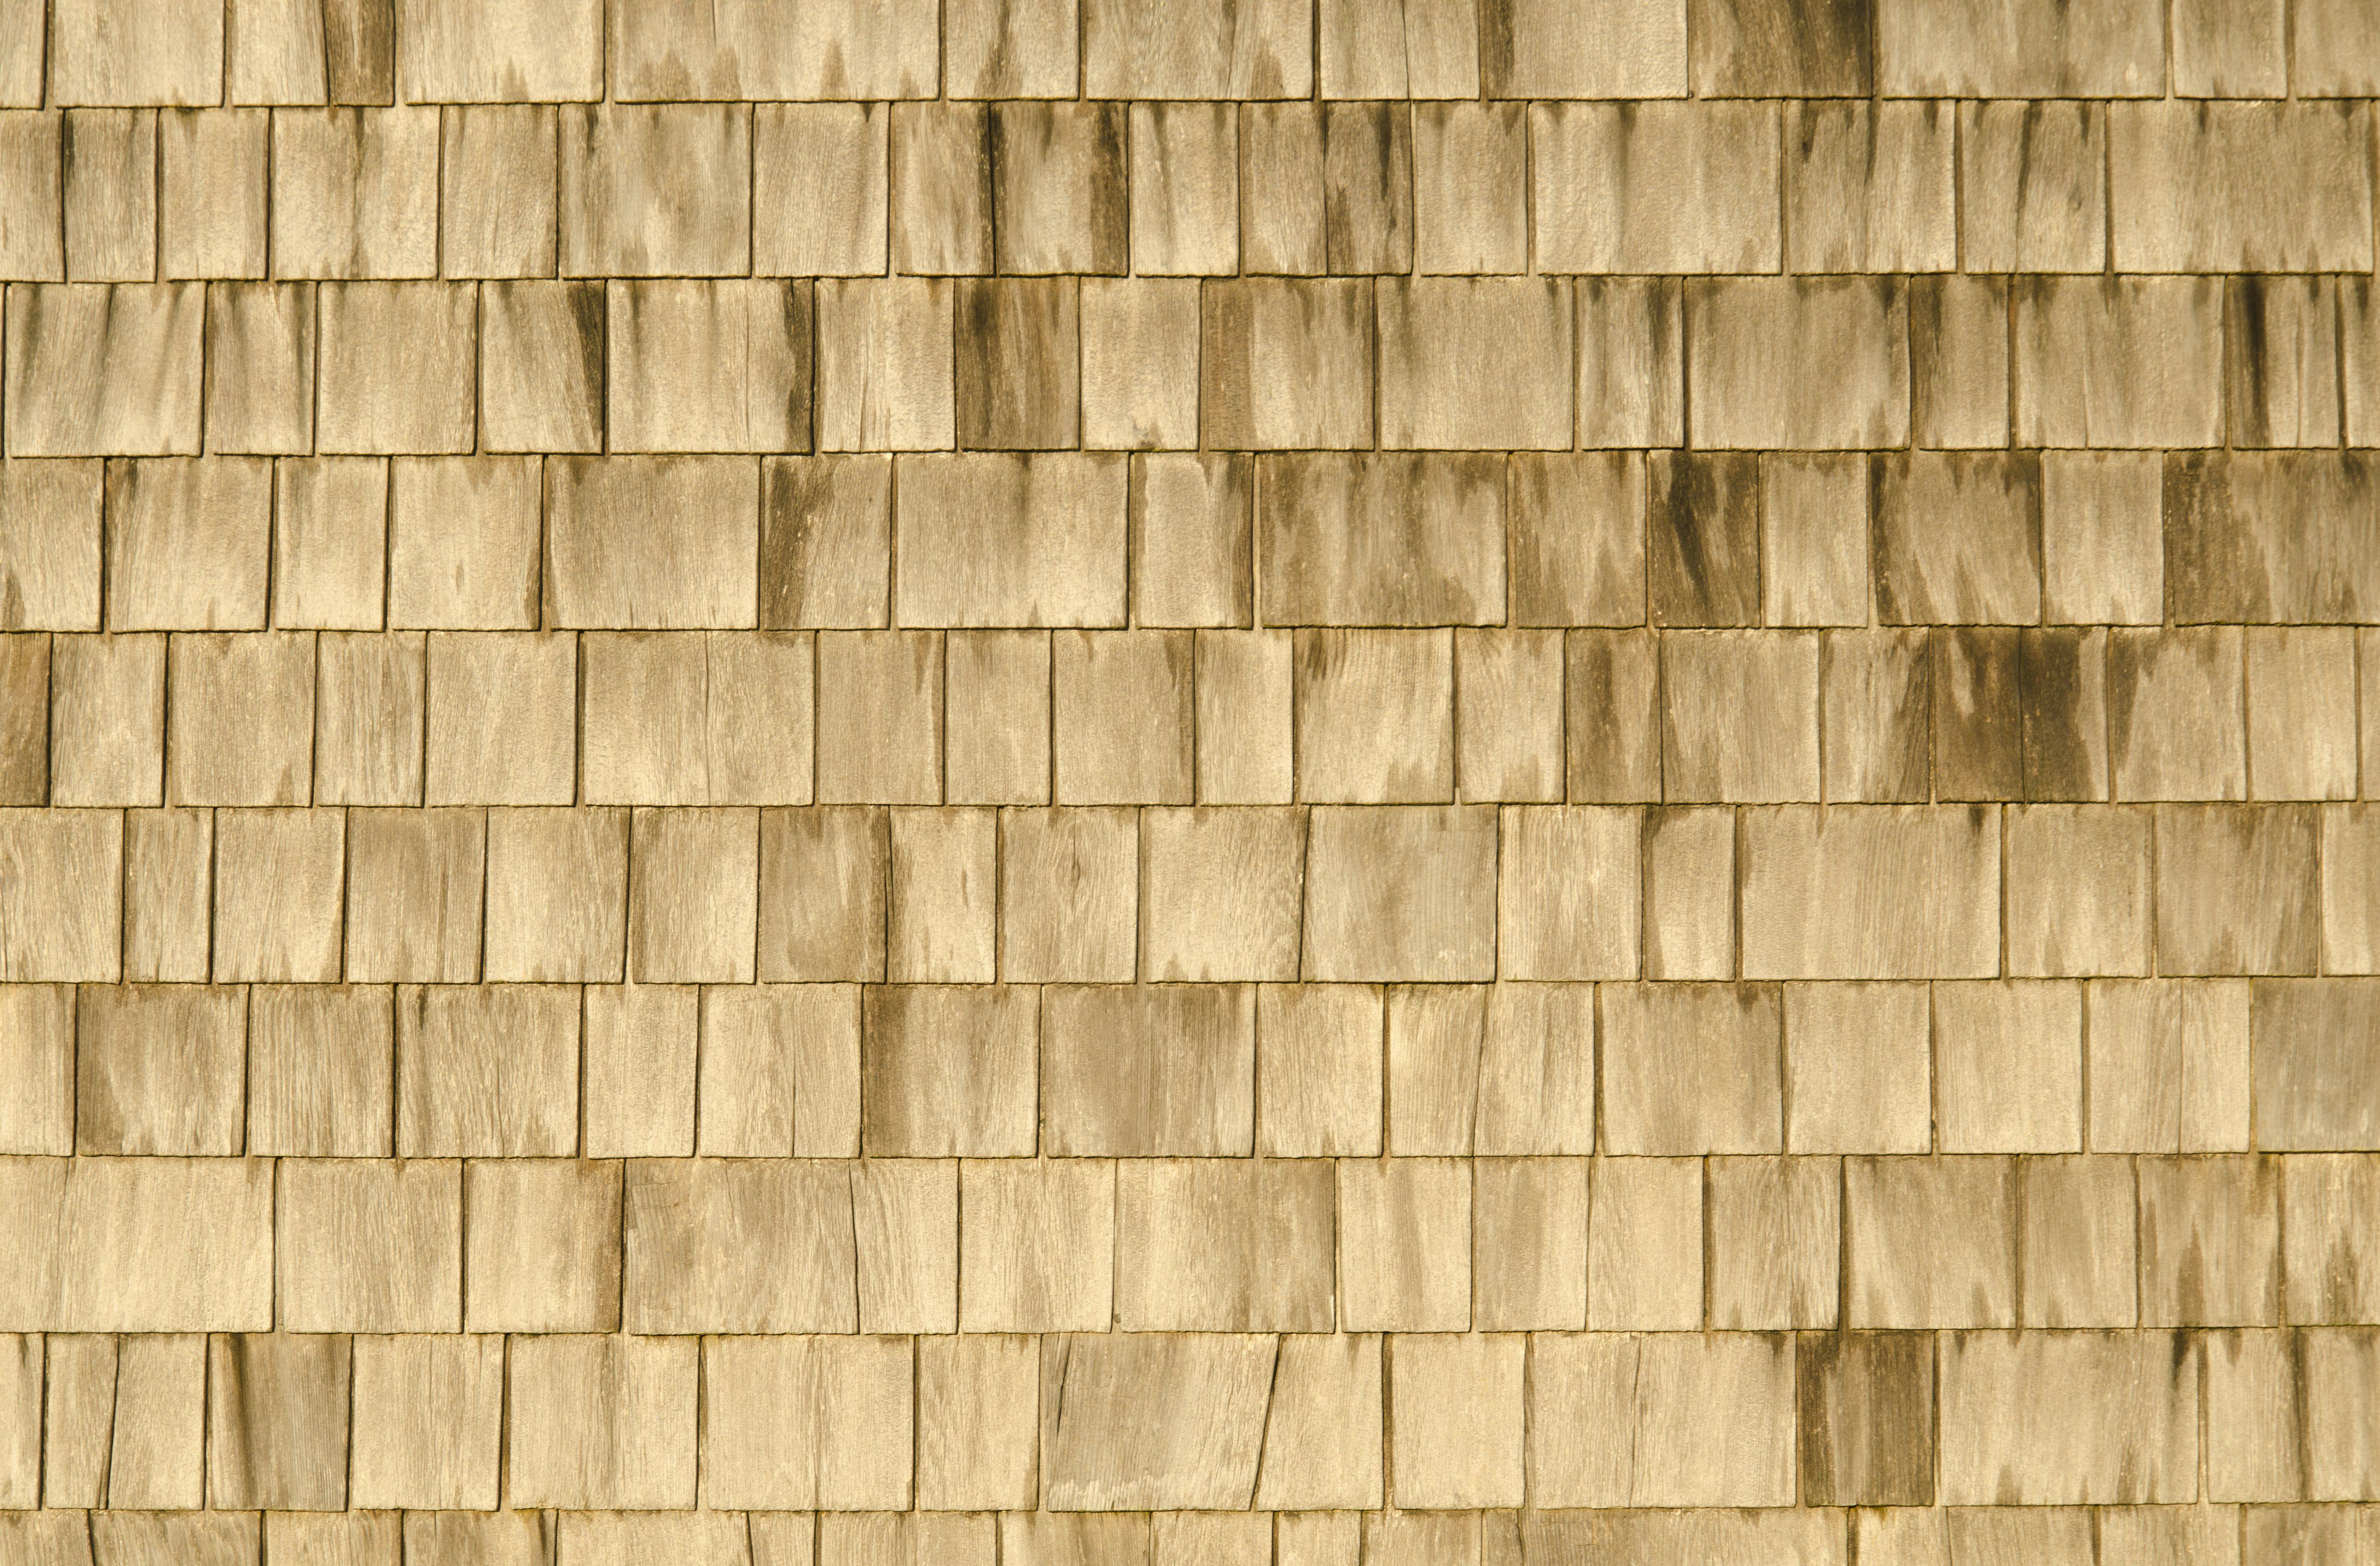 How To Make Ridge Caps For Cedar Shingles Hunker Cedar Shake Roof Cedar Shingles Cedar Shingle Roof